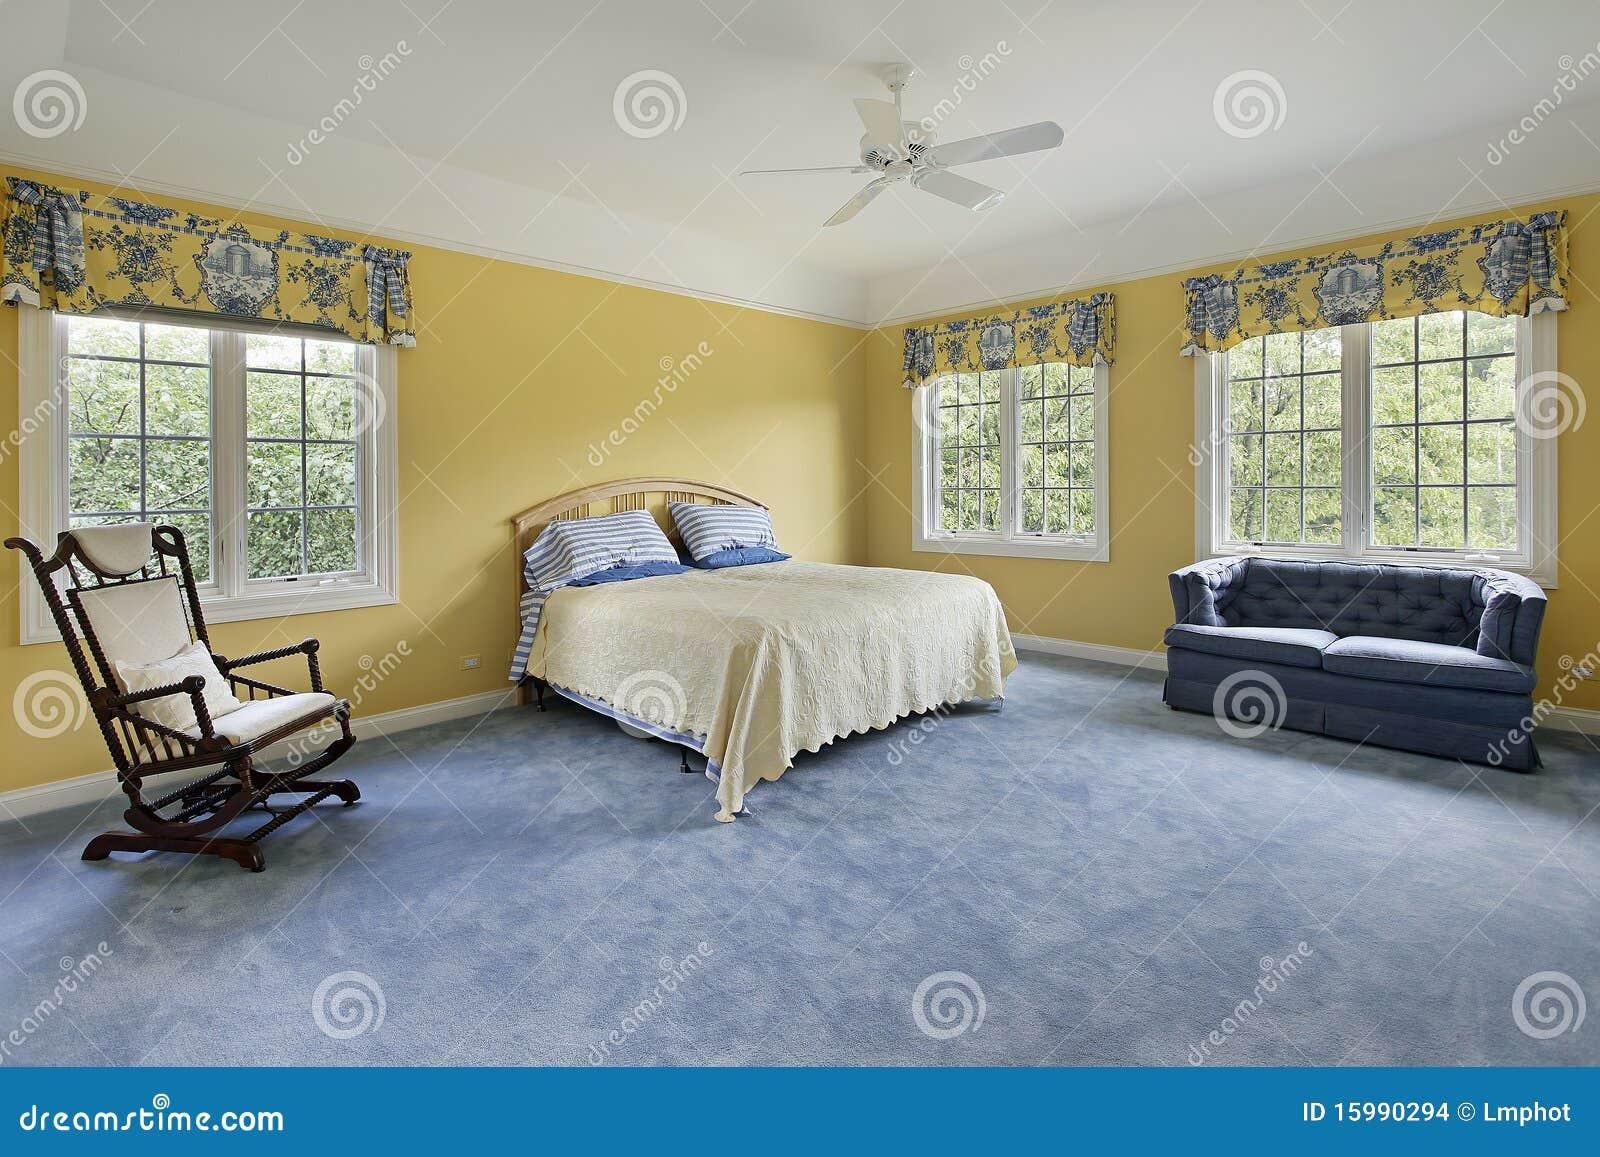 Slaapkamer Met Gele Muren Stock Afbeeldingen - Afbeelding: 15990294